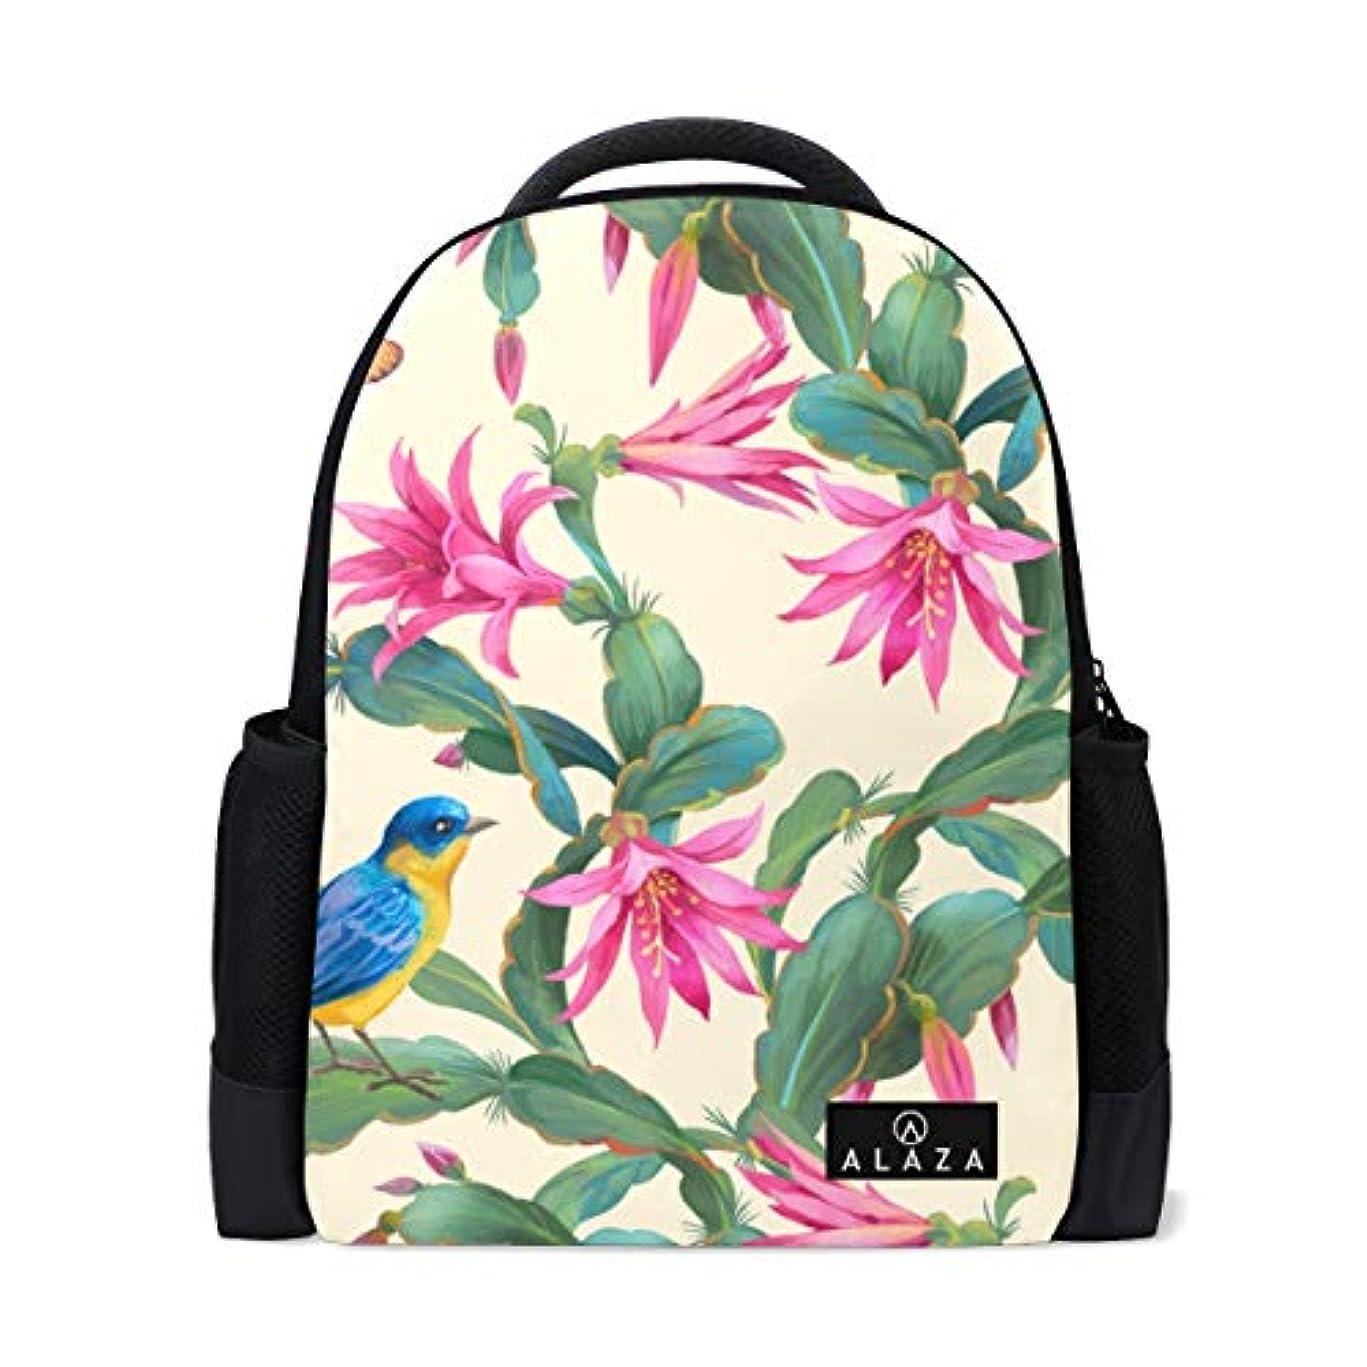 爪取得趣味旅立の店 リュックサック バックパック 青い鳥とピンクの花柄 ポリエステル+メッシュ ファッション 通勤 通学